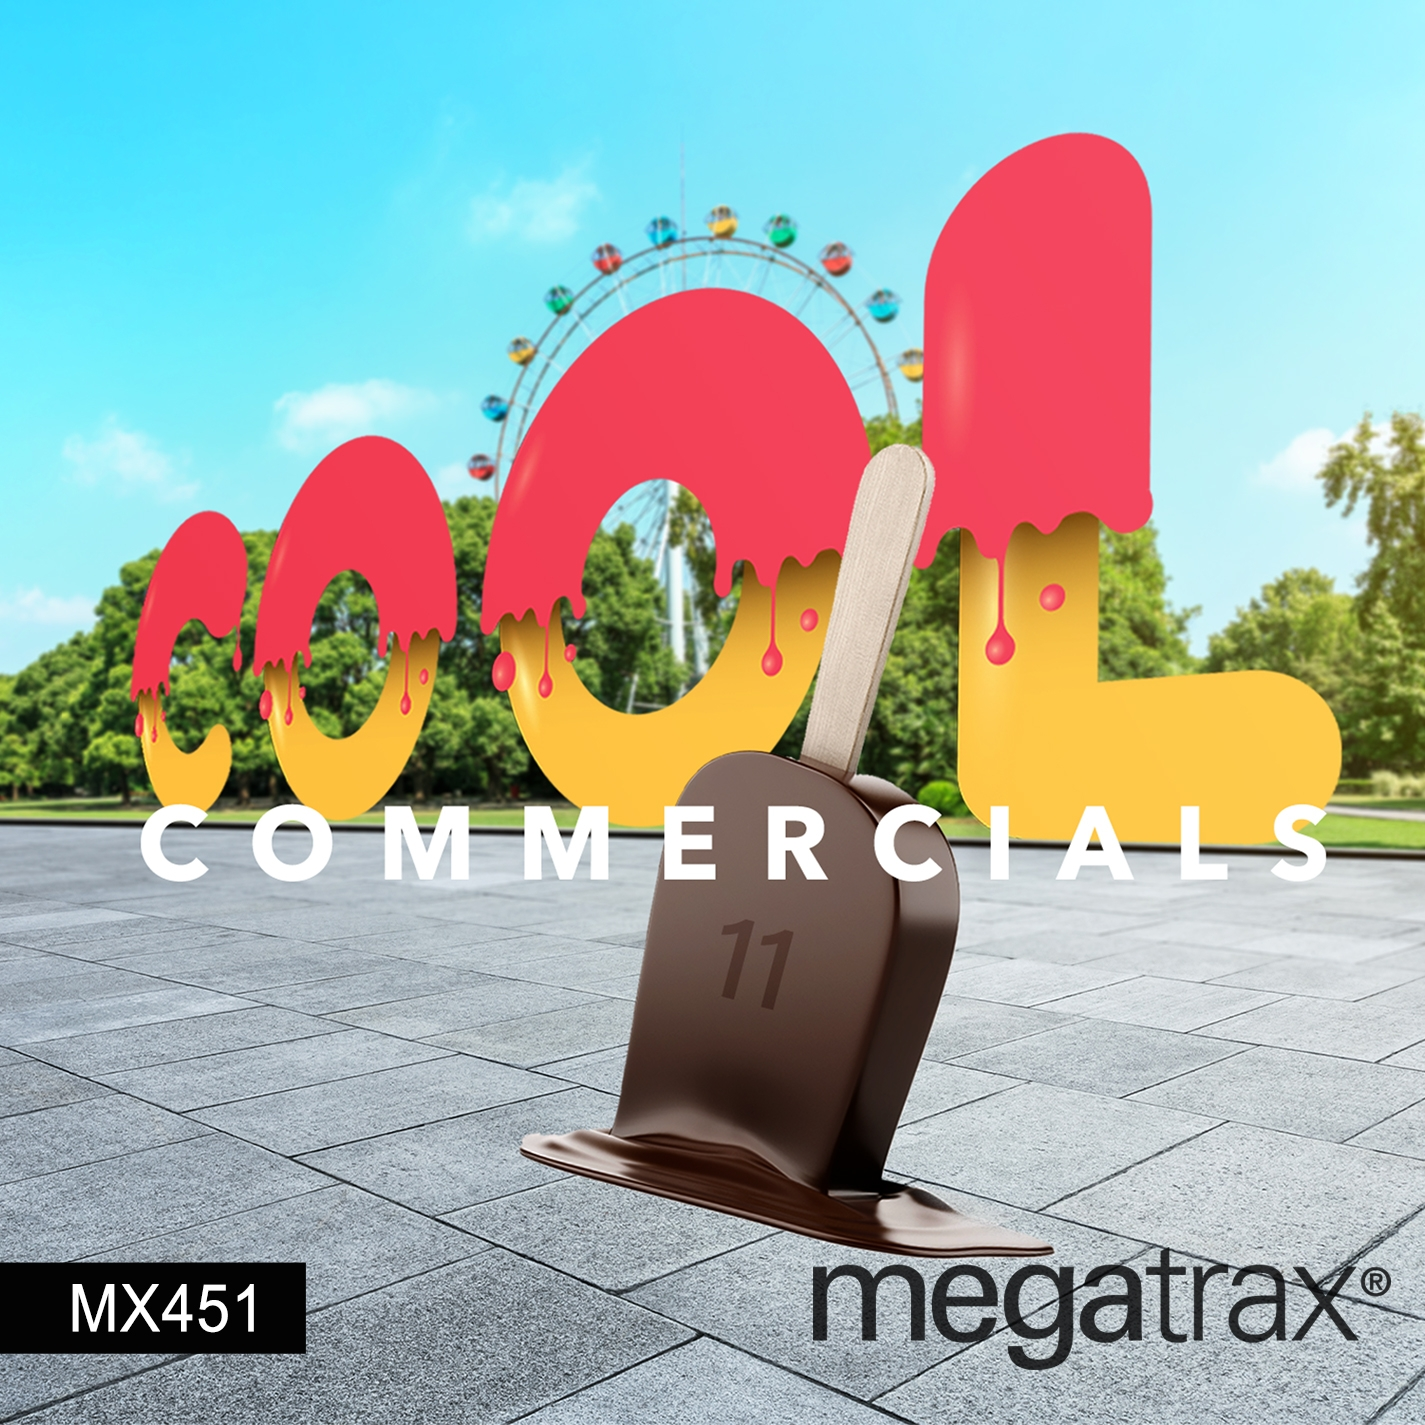 Cool Commercials 11